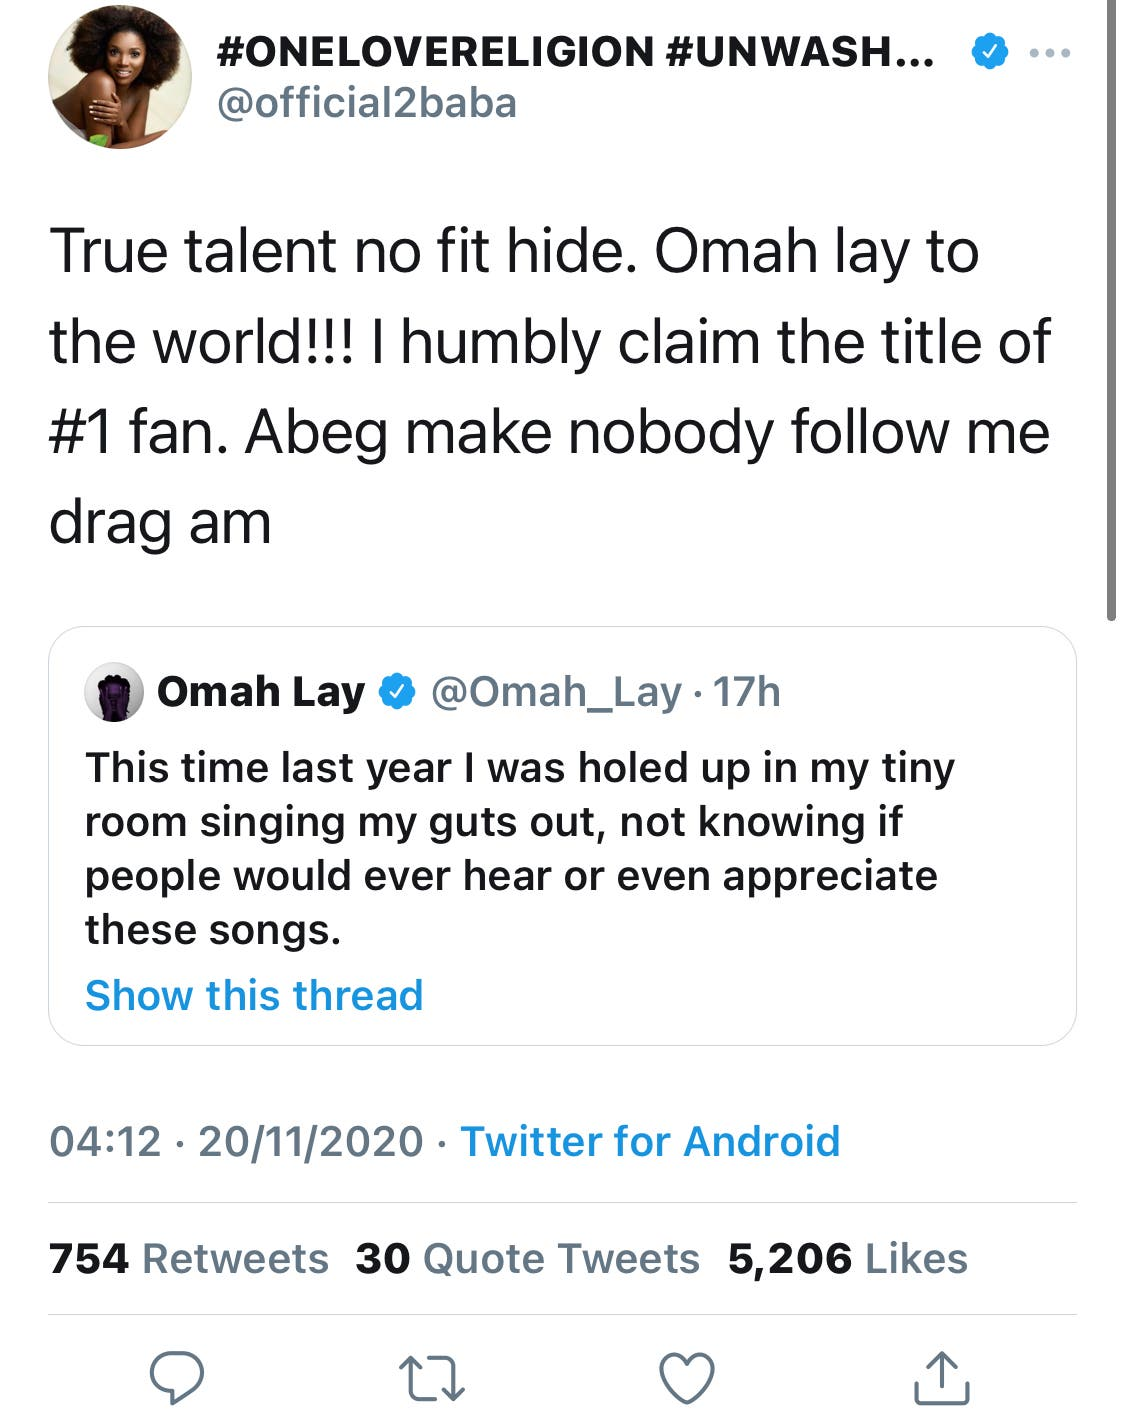 The singer's tweet